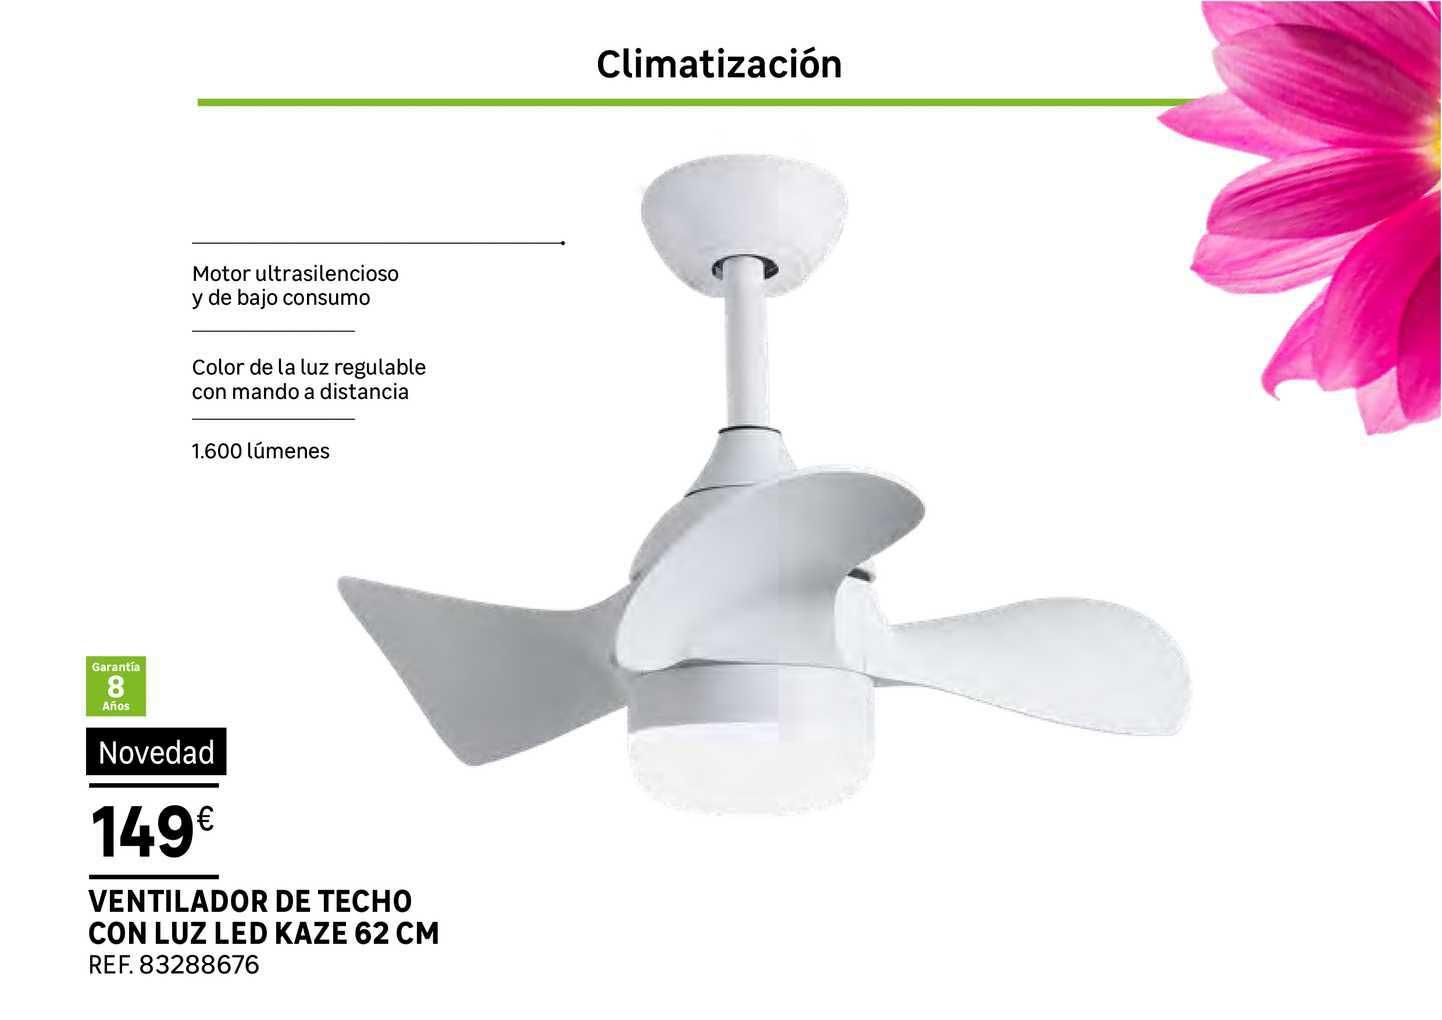 Leroy Merlin Ventilador De Techo Con Luz Kaze 62cm